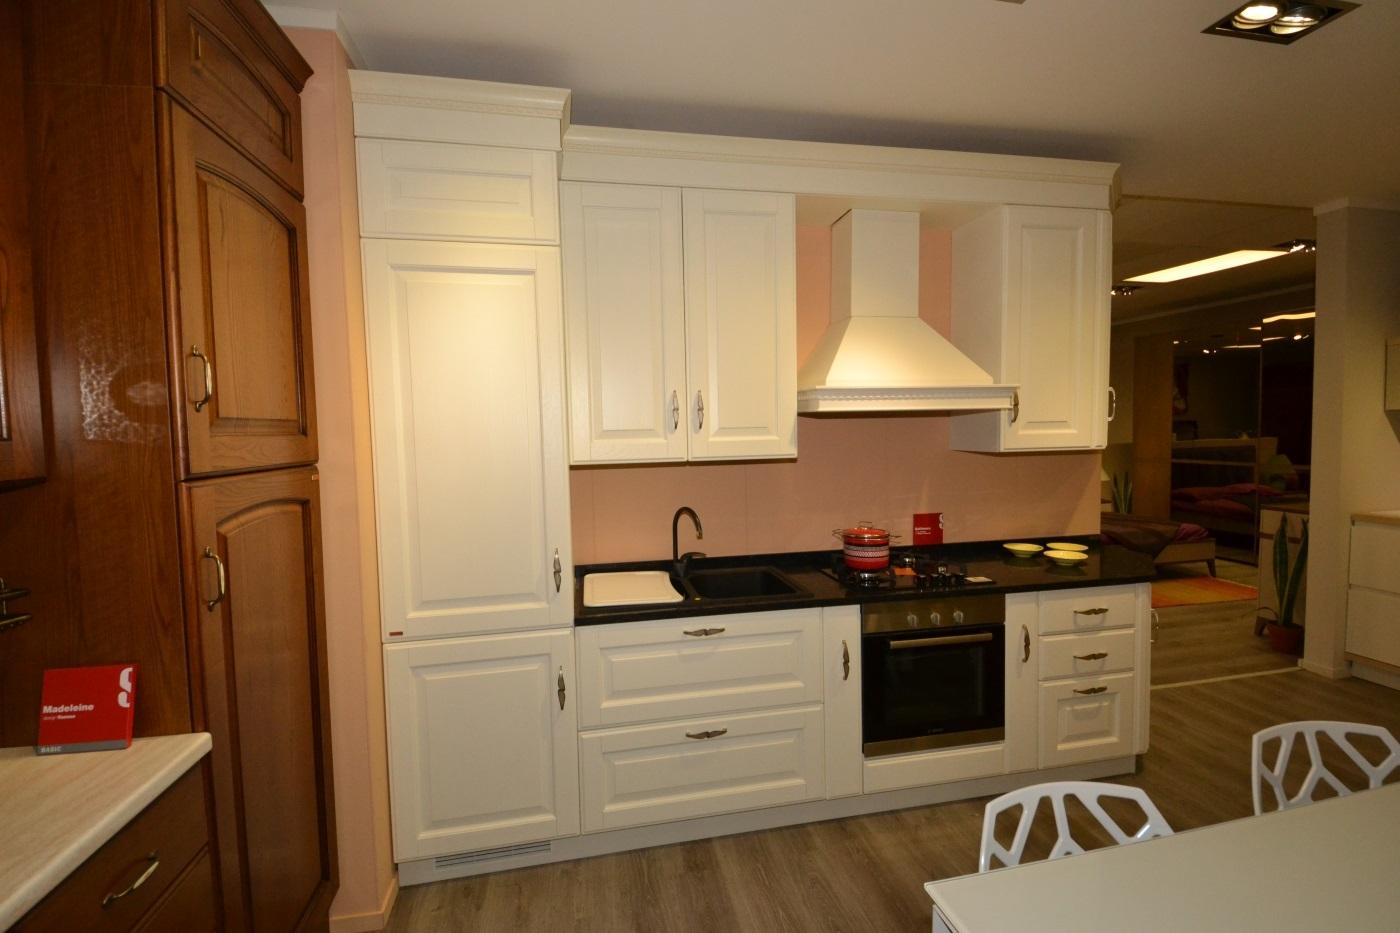 Cucina scavolini baltimora in rovere bianco cucine a for Cucina baltimora scavolini